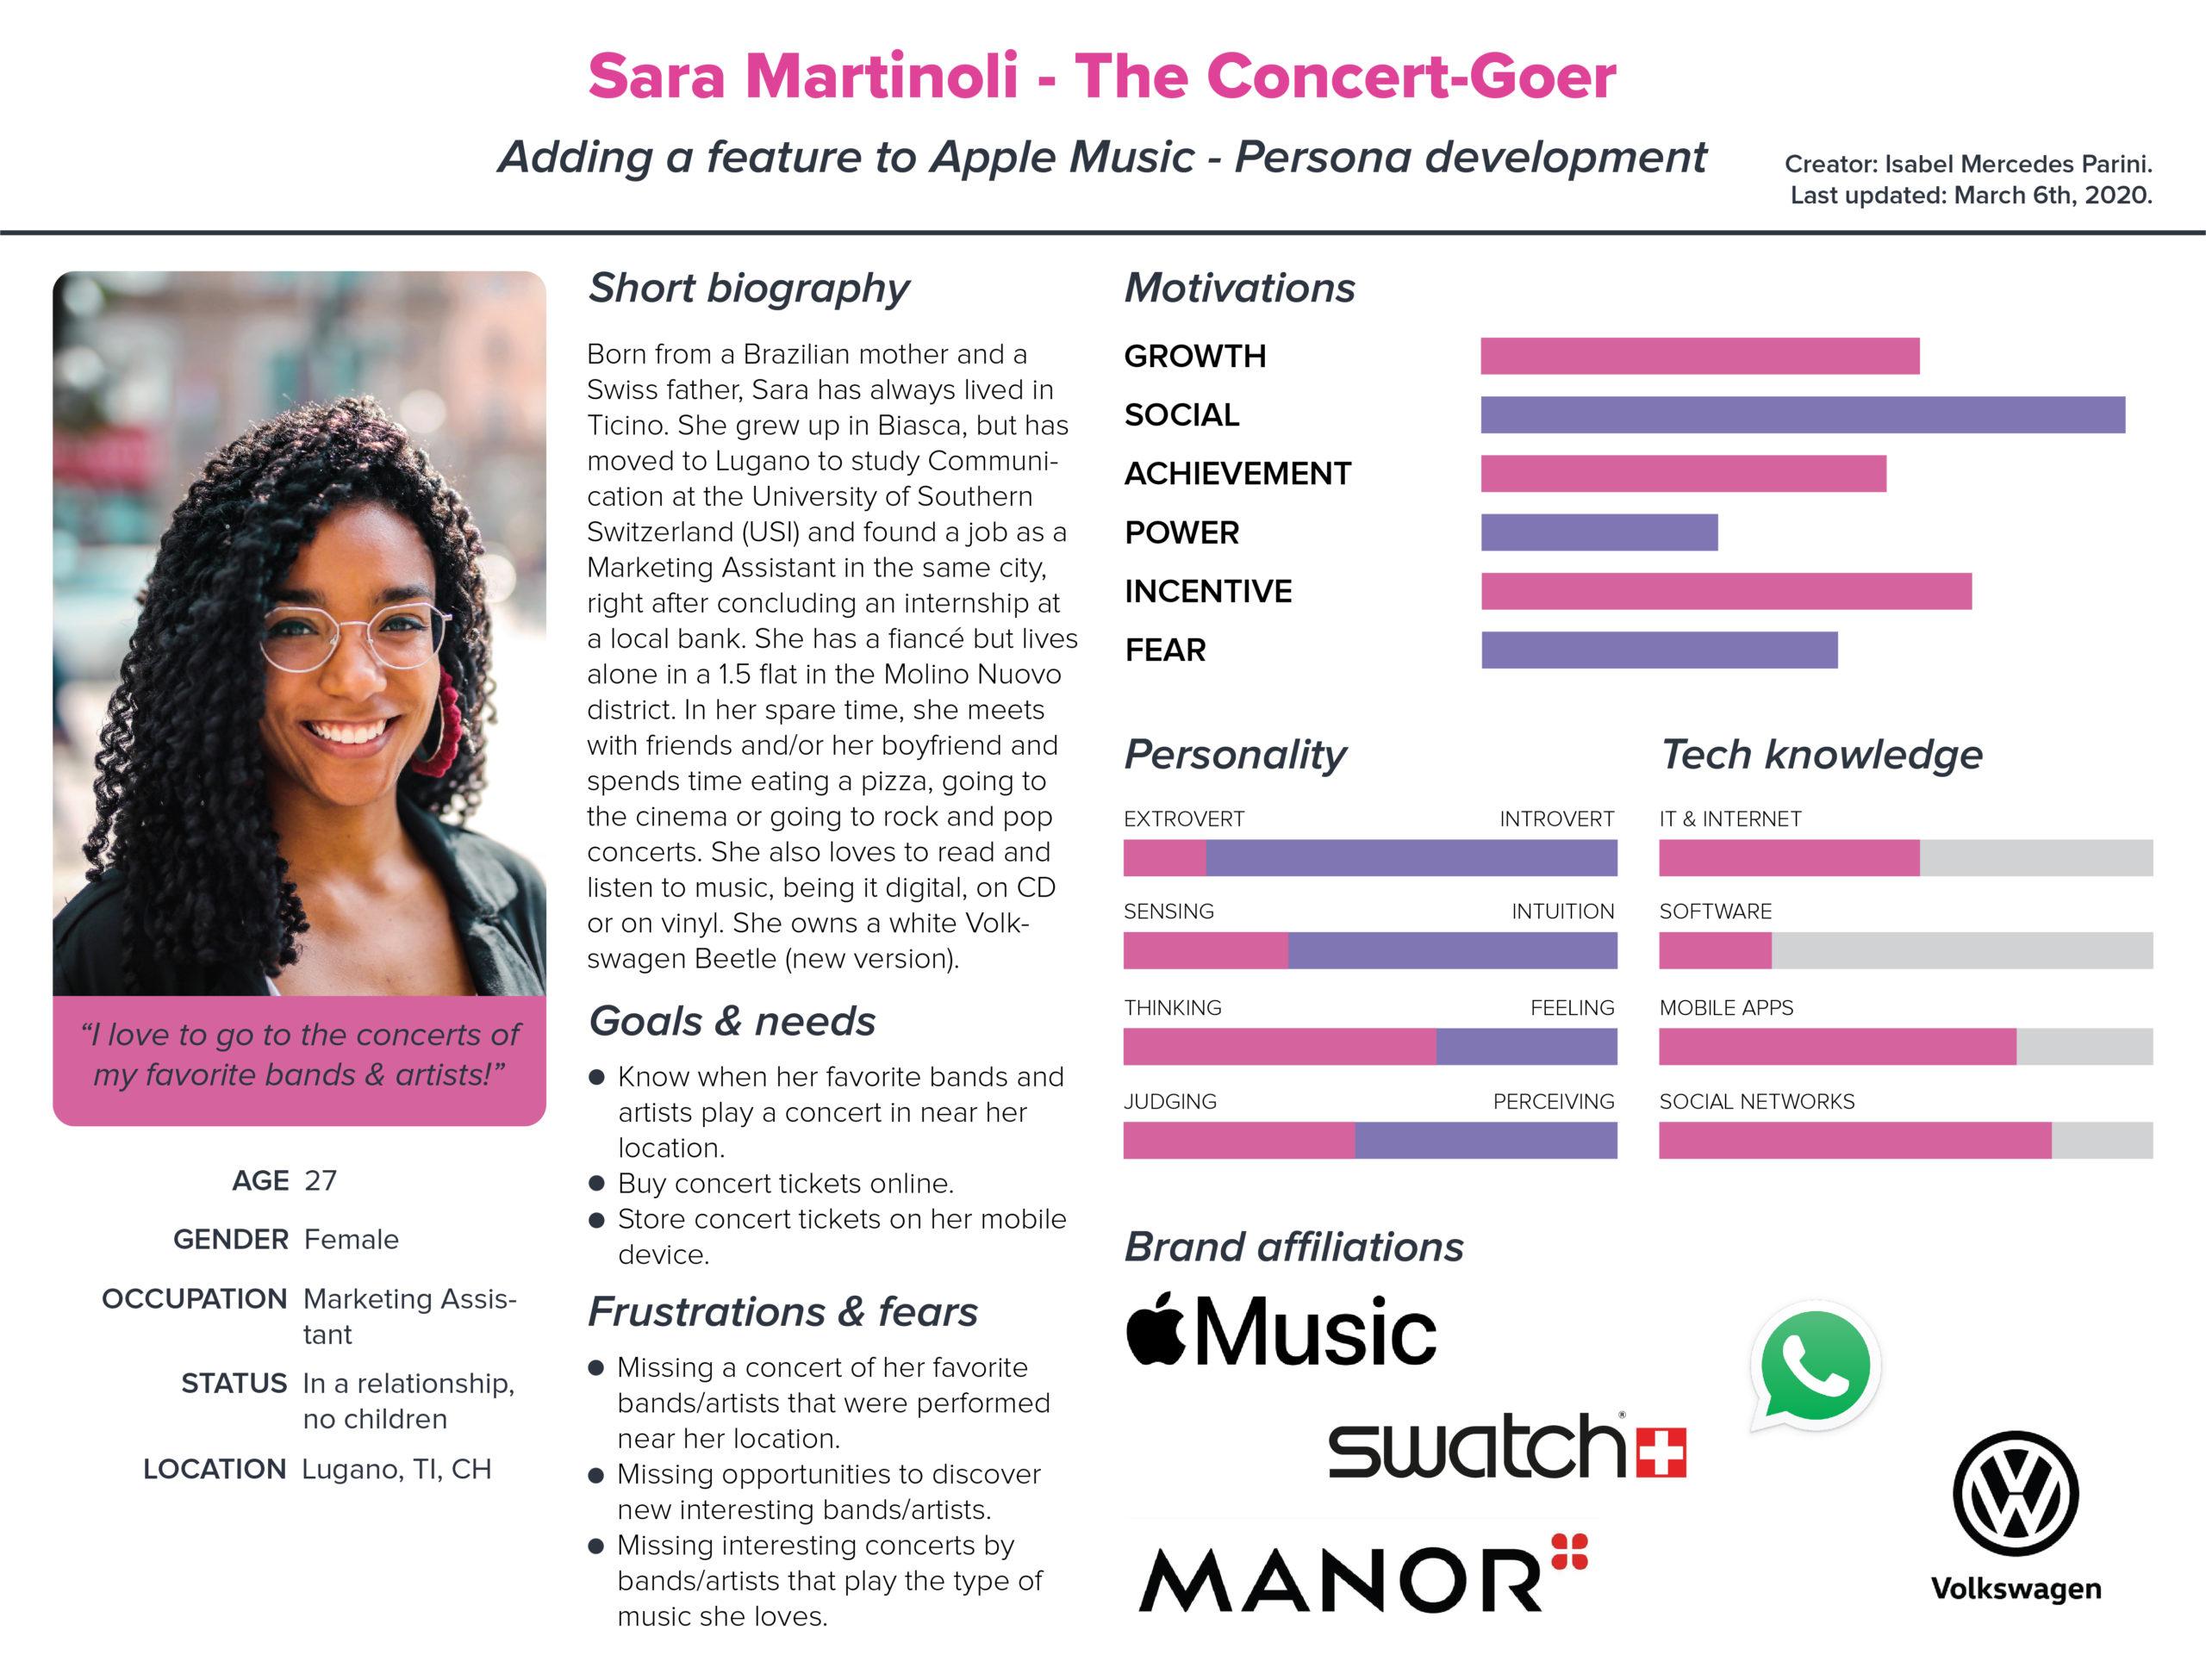 persona_development_v2200306_2_Sara-Martinoli-The-Concert-Goer_Sara-Martinoli-The-Concert-Goer